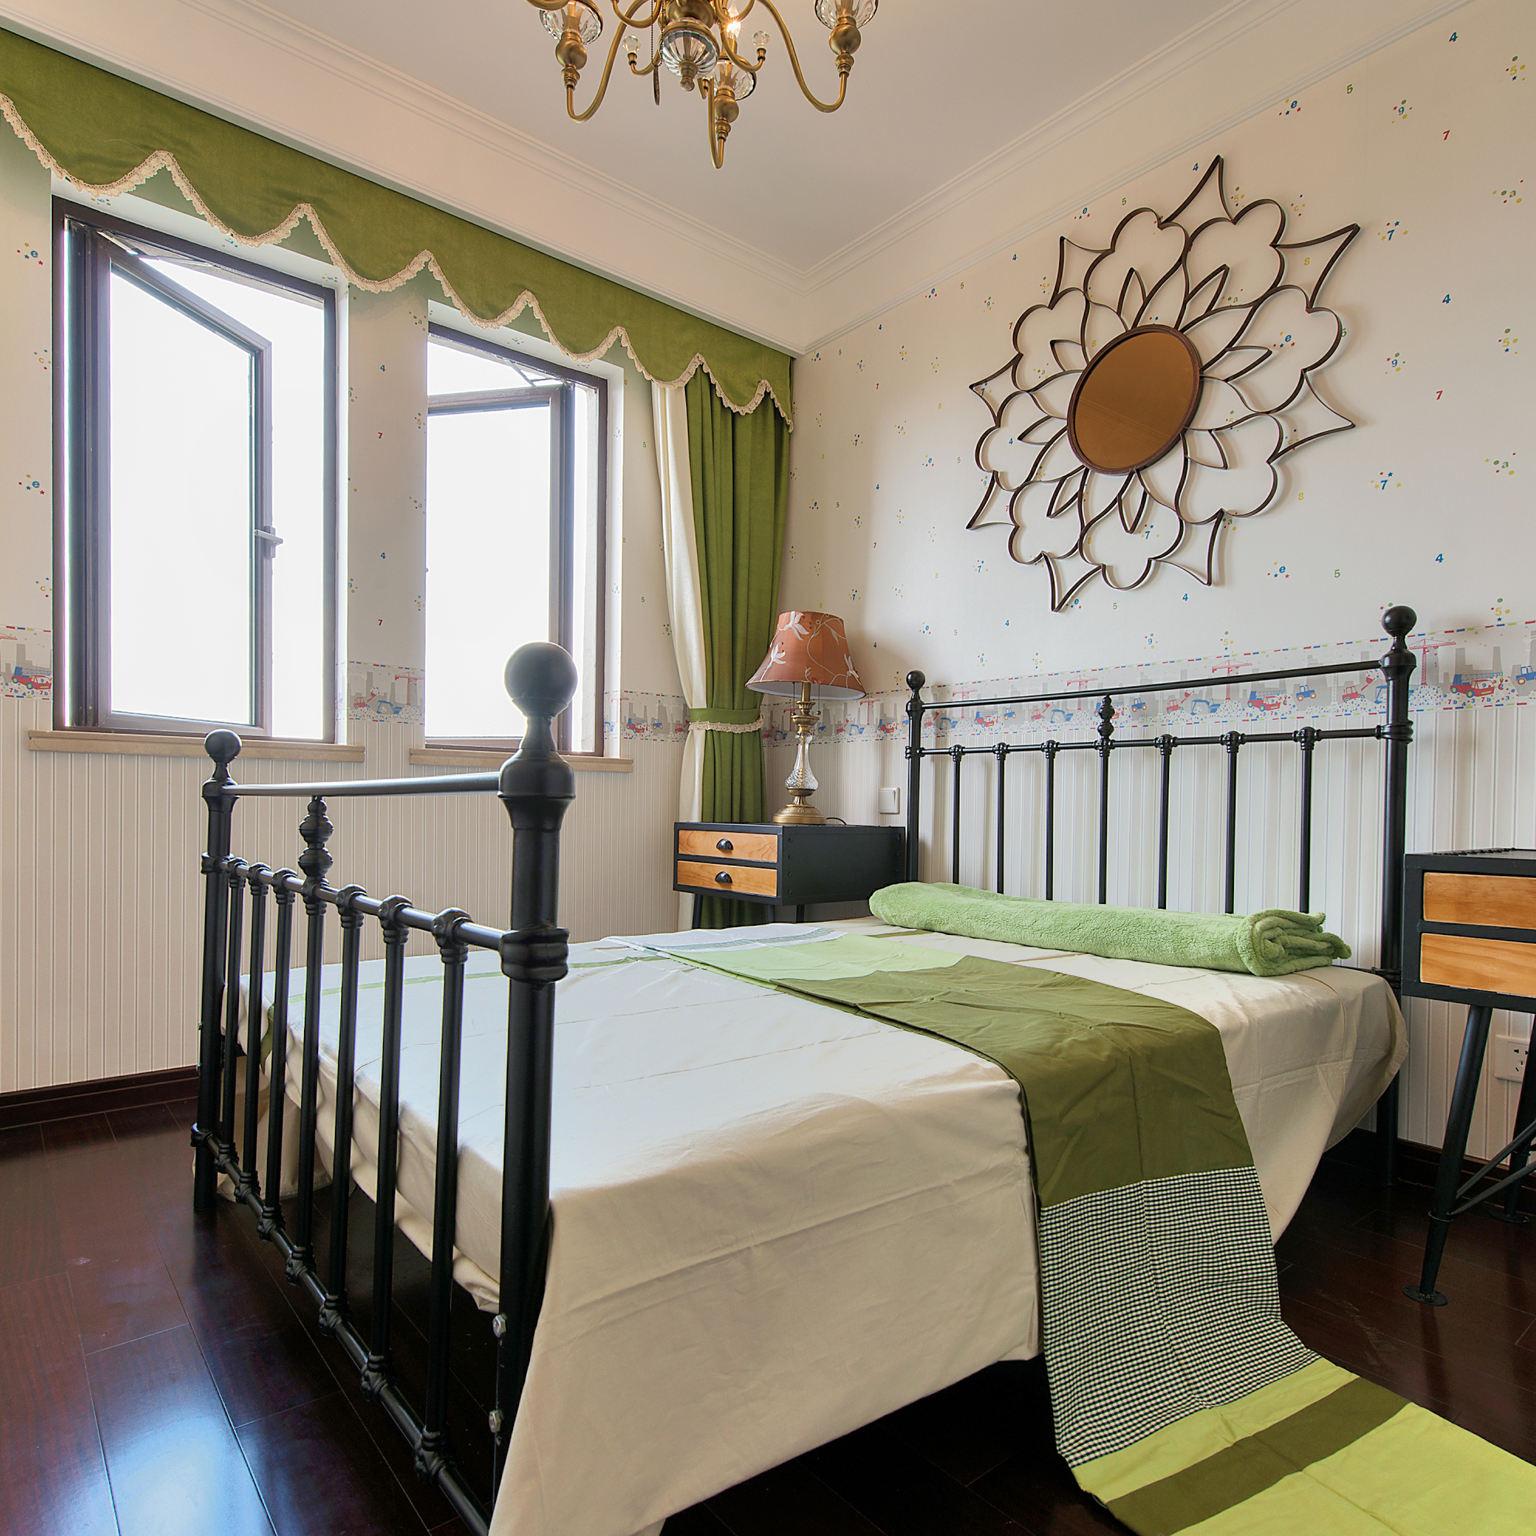 美式田园风卧室窗帘装饰图